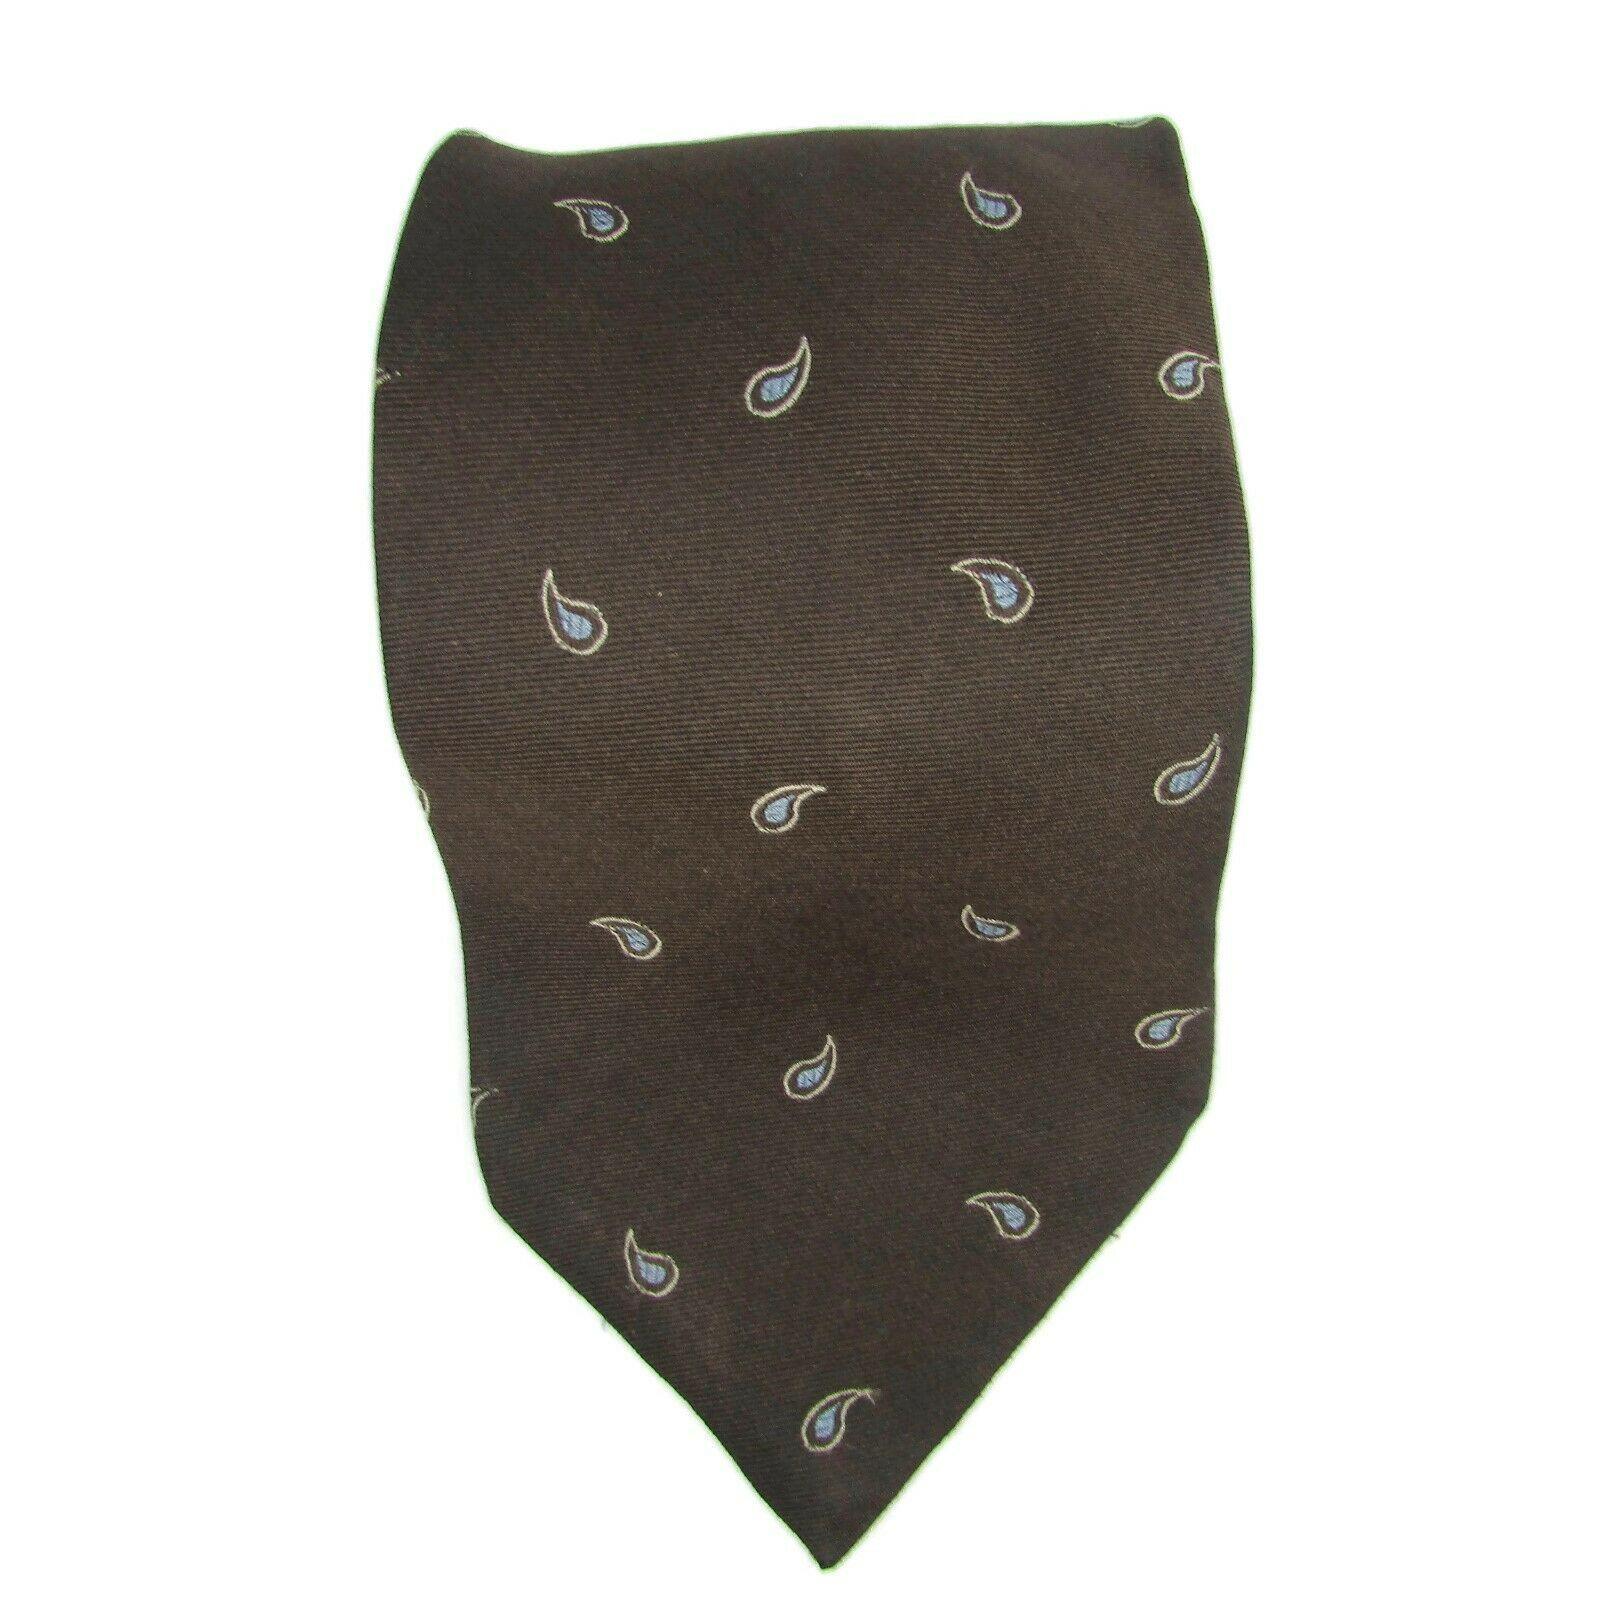 Giorgio Armani Cravatte Men's Neck Tie 57L 3 3/4W BOGO 50% Off - $47.73